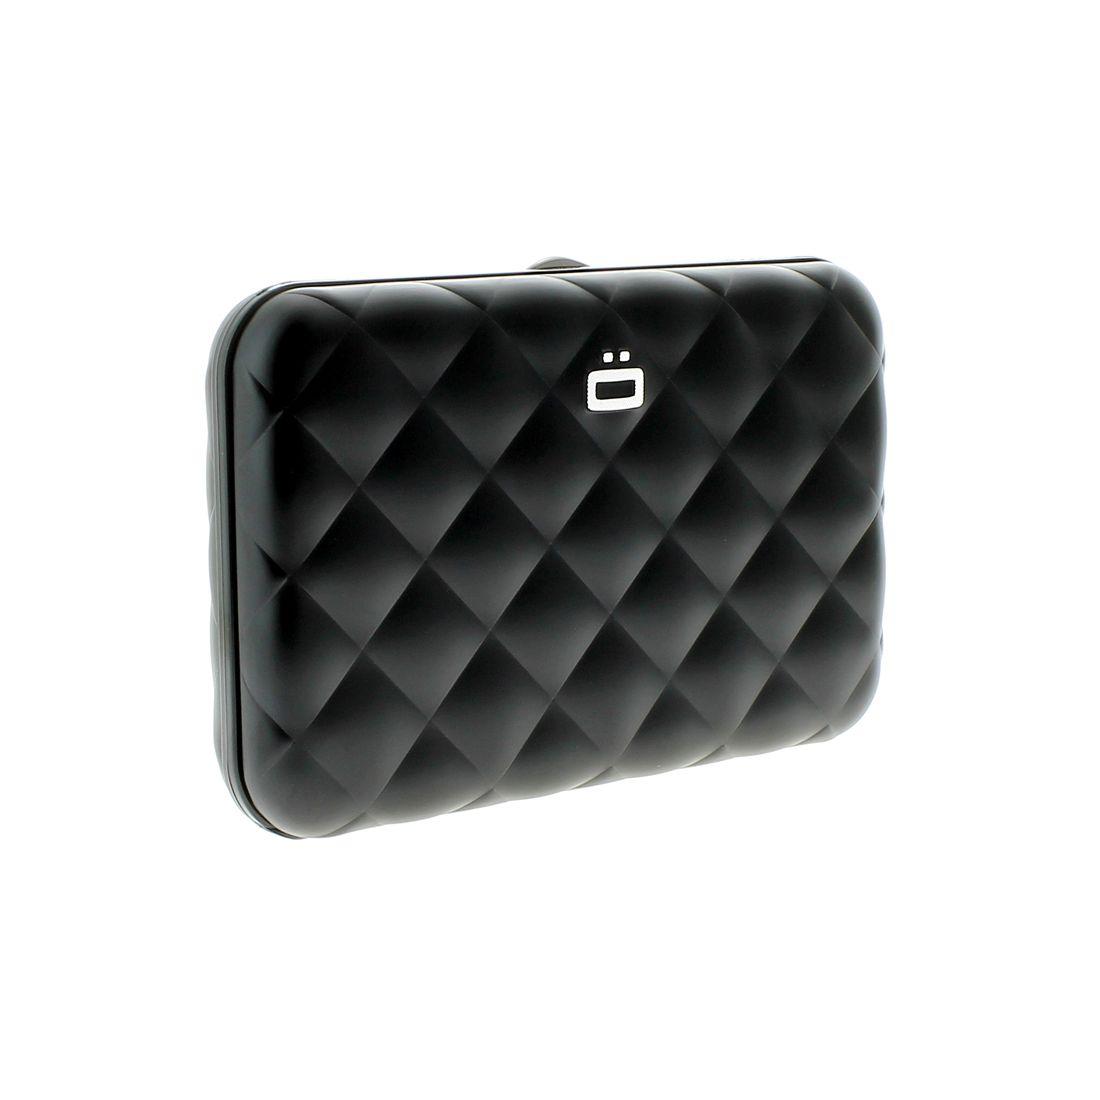 Porte carte aluminium black quilted button ogon designs ogon desi - Porte carte aluminium ogon ...